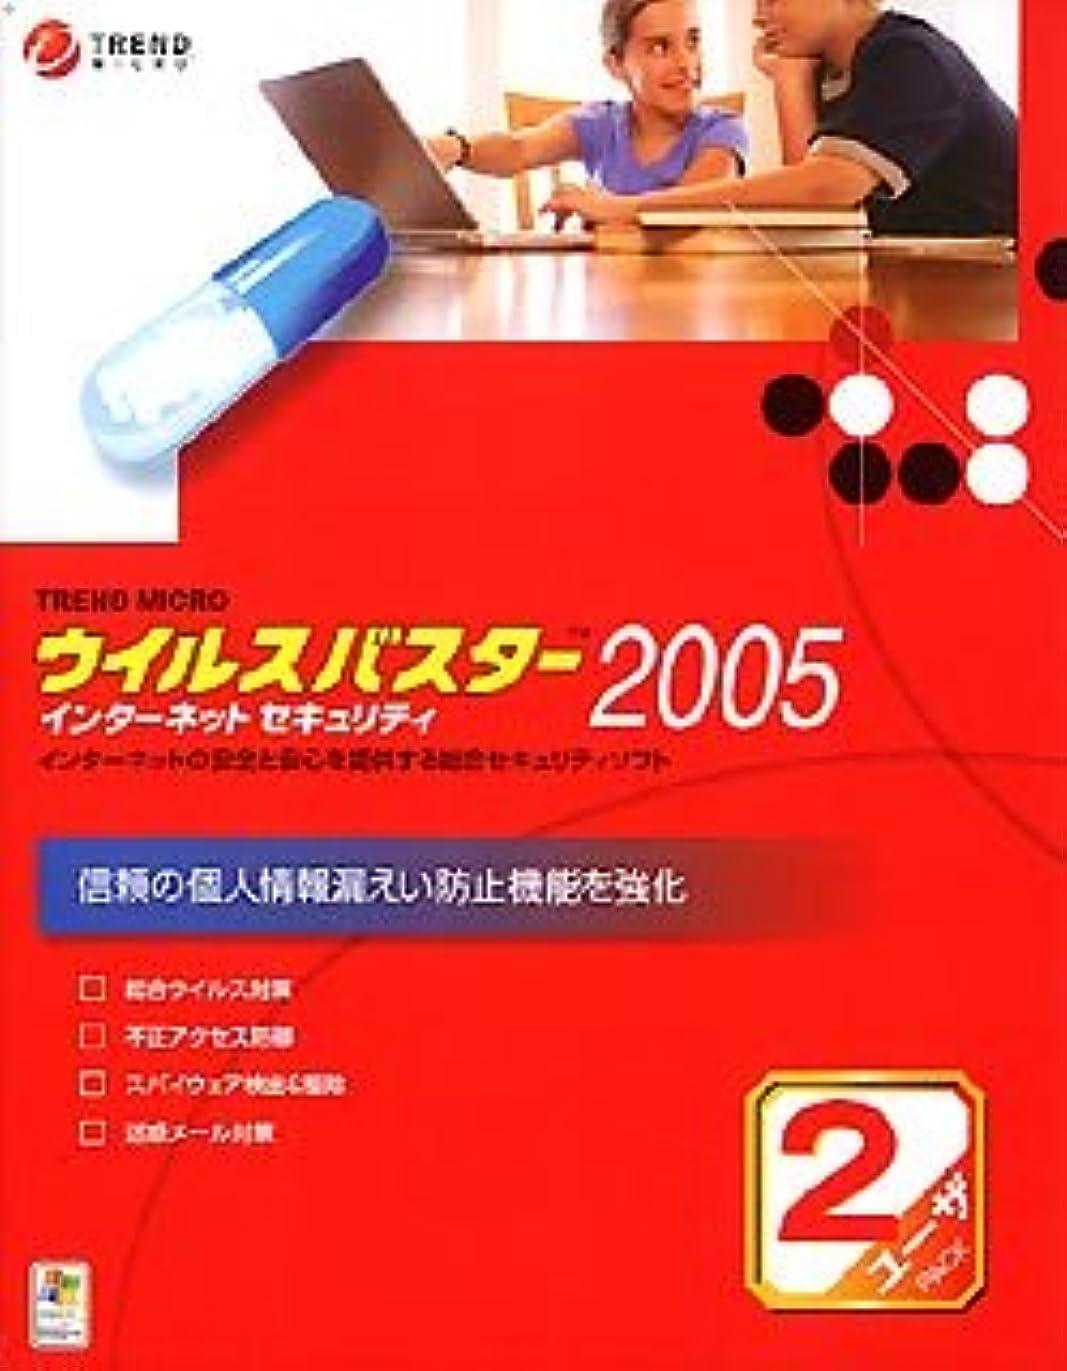 パントリー作成する準備するウイルスバスター 2005 インターネットセキュリティ 2ユーザパック